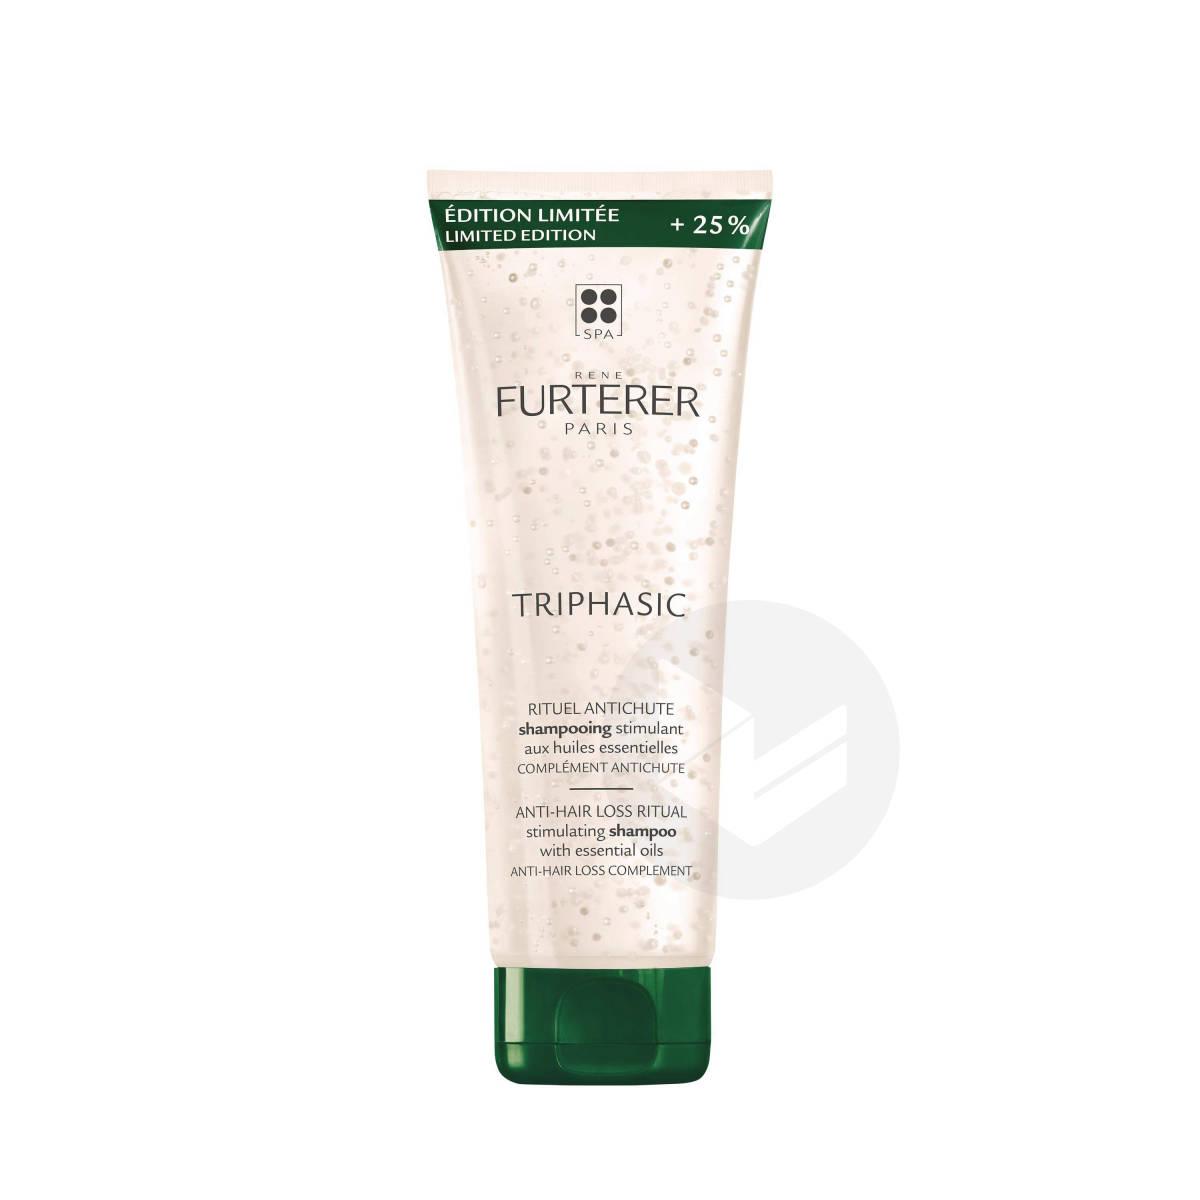 Shampooing stimulant aux huiles essentielles complément antichute sans silicone 250ml + 50ml offert